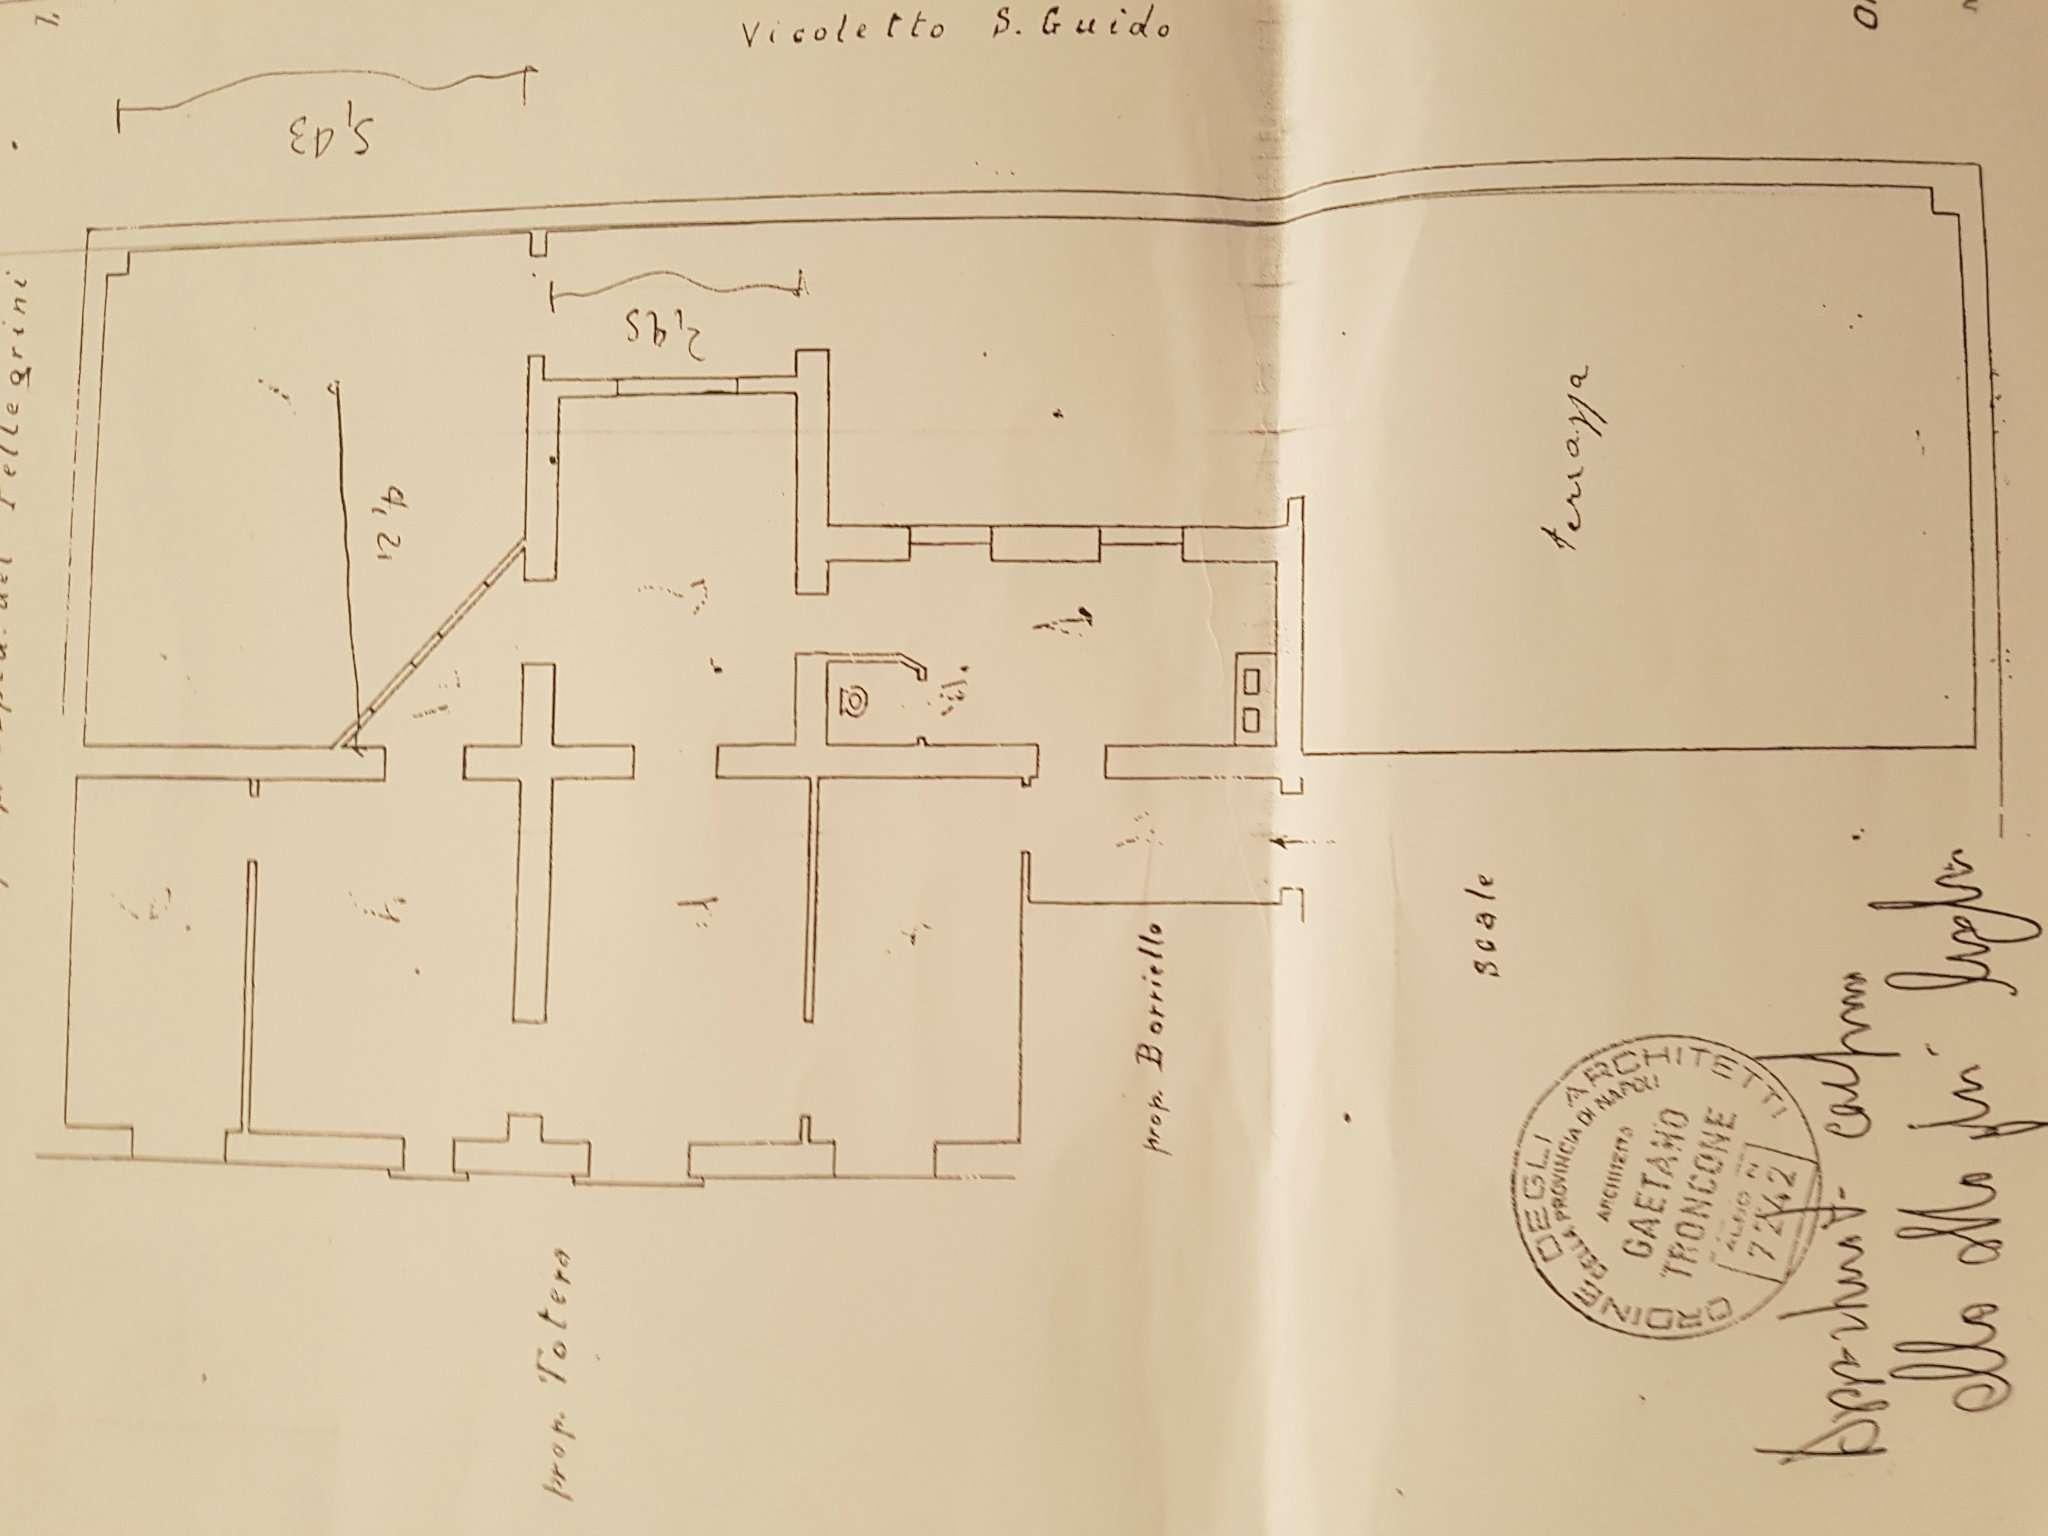 Appartamento in vendita a Napoli, 6 locali, zona Zona: 1 . Chiaia, Posillipo, San Ferdinando, prezzo € 295.000 | CambioCasa.it